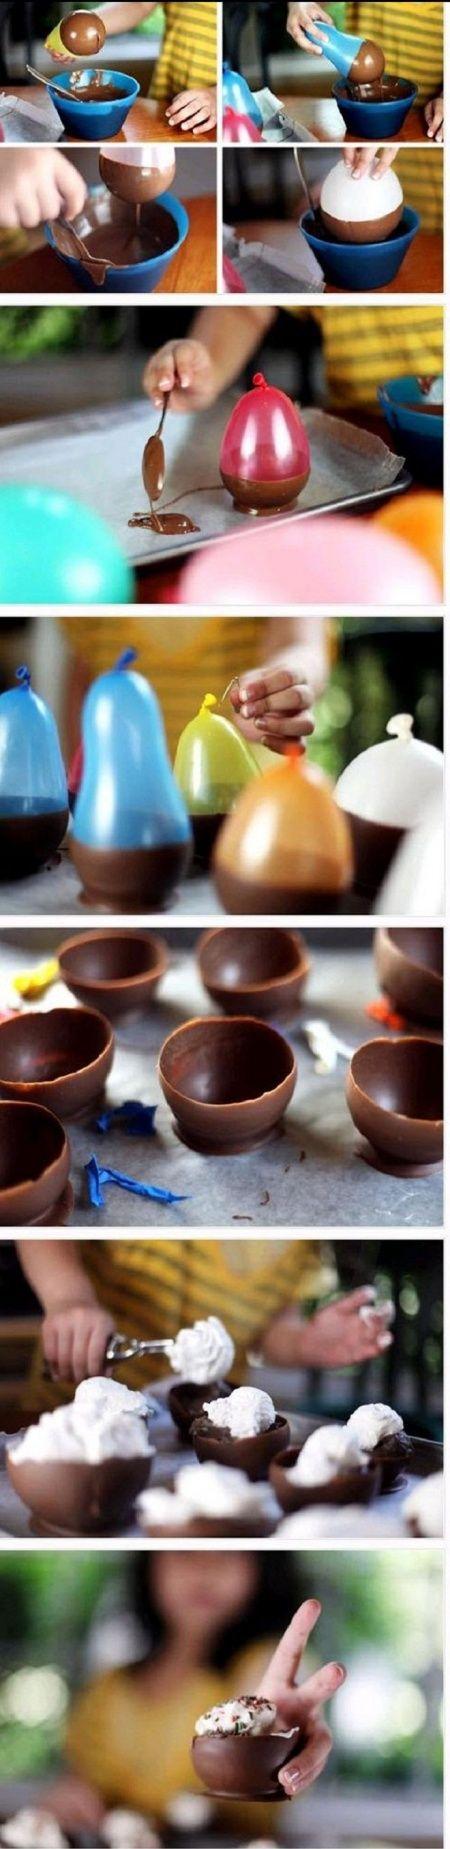 9 idées culinaires simplissimes pour vous faire plaisir sans effort - page 5